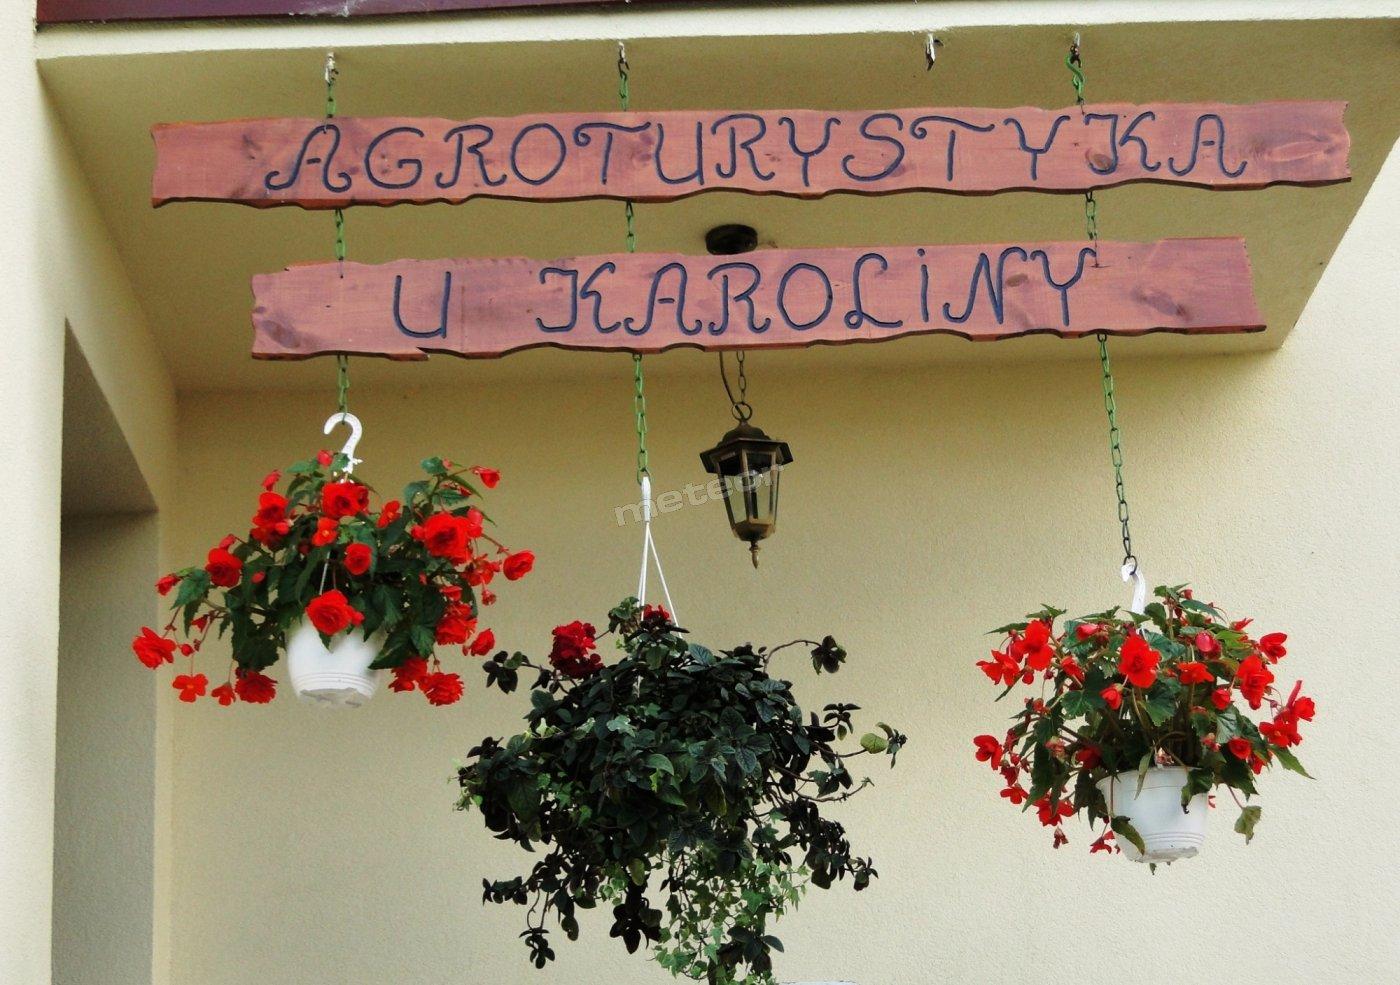 Agroturystyka U Karoliny